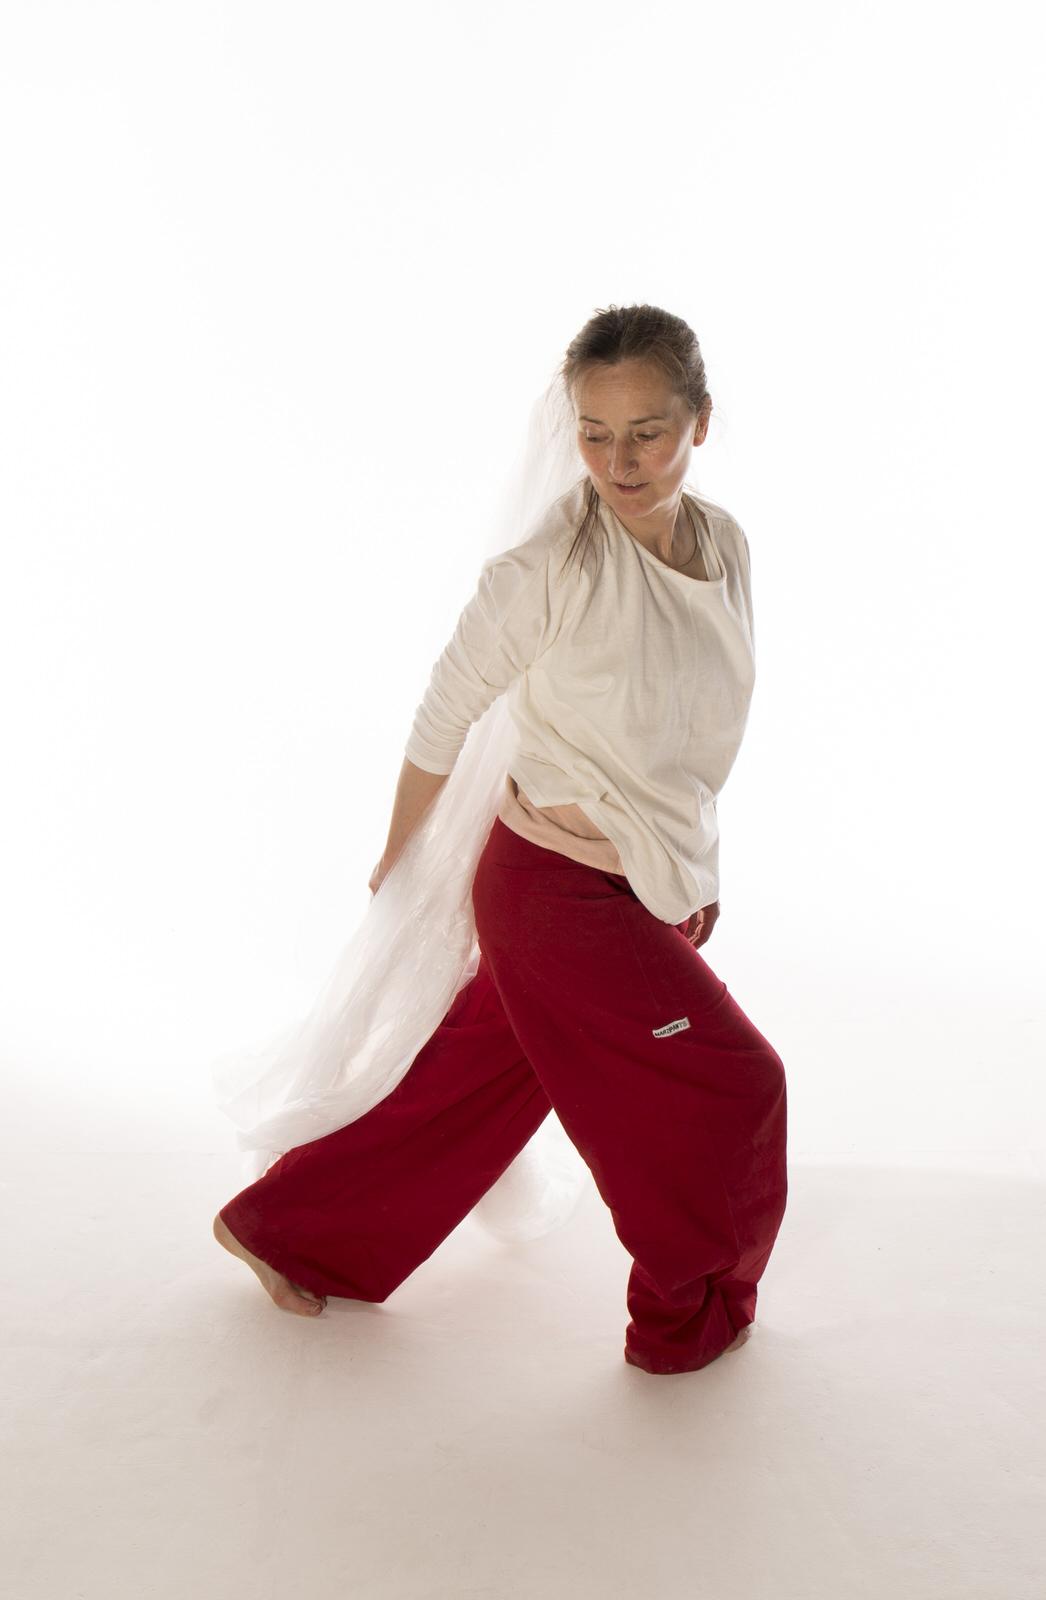 paula-turner-dance-artist-6.jpg